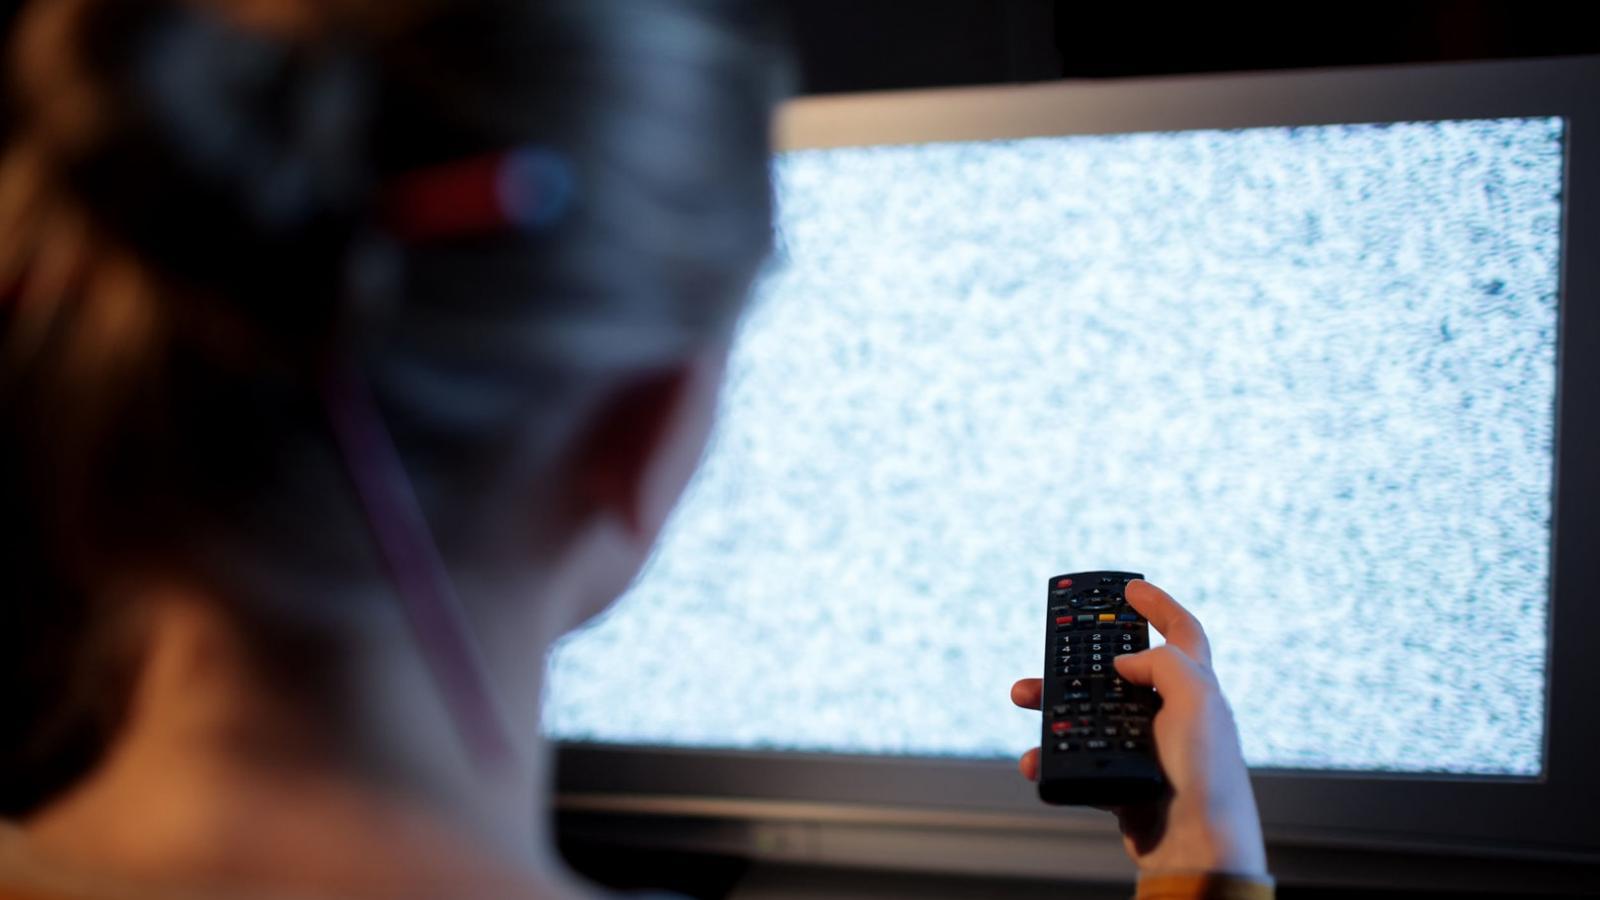 13 августа с экранов вологжан исчезнут 2 ТВ-ресурса